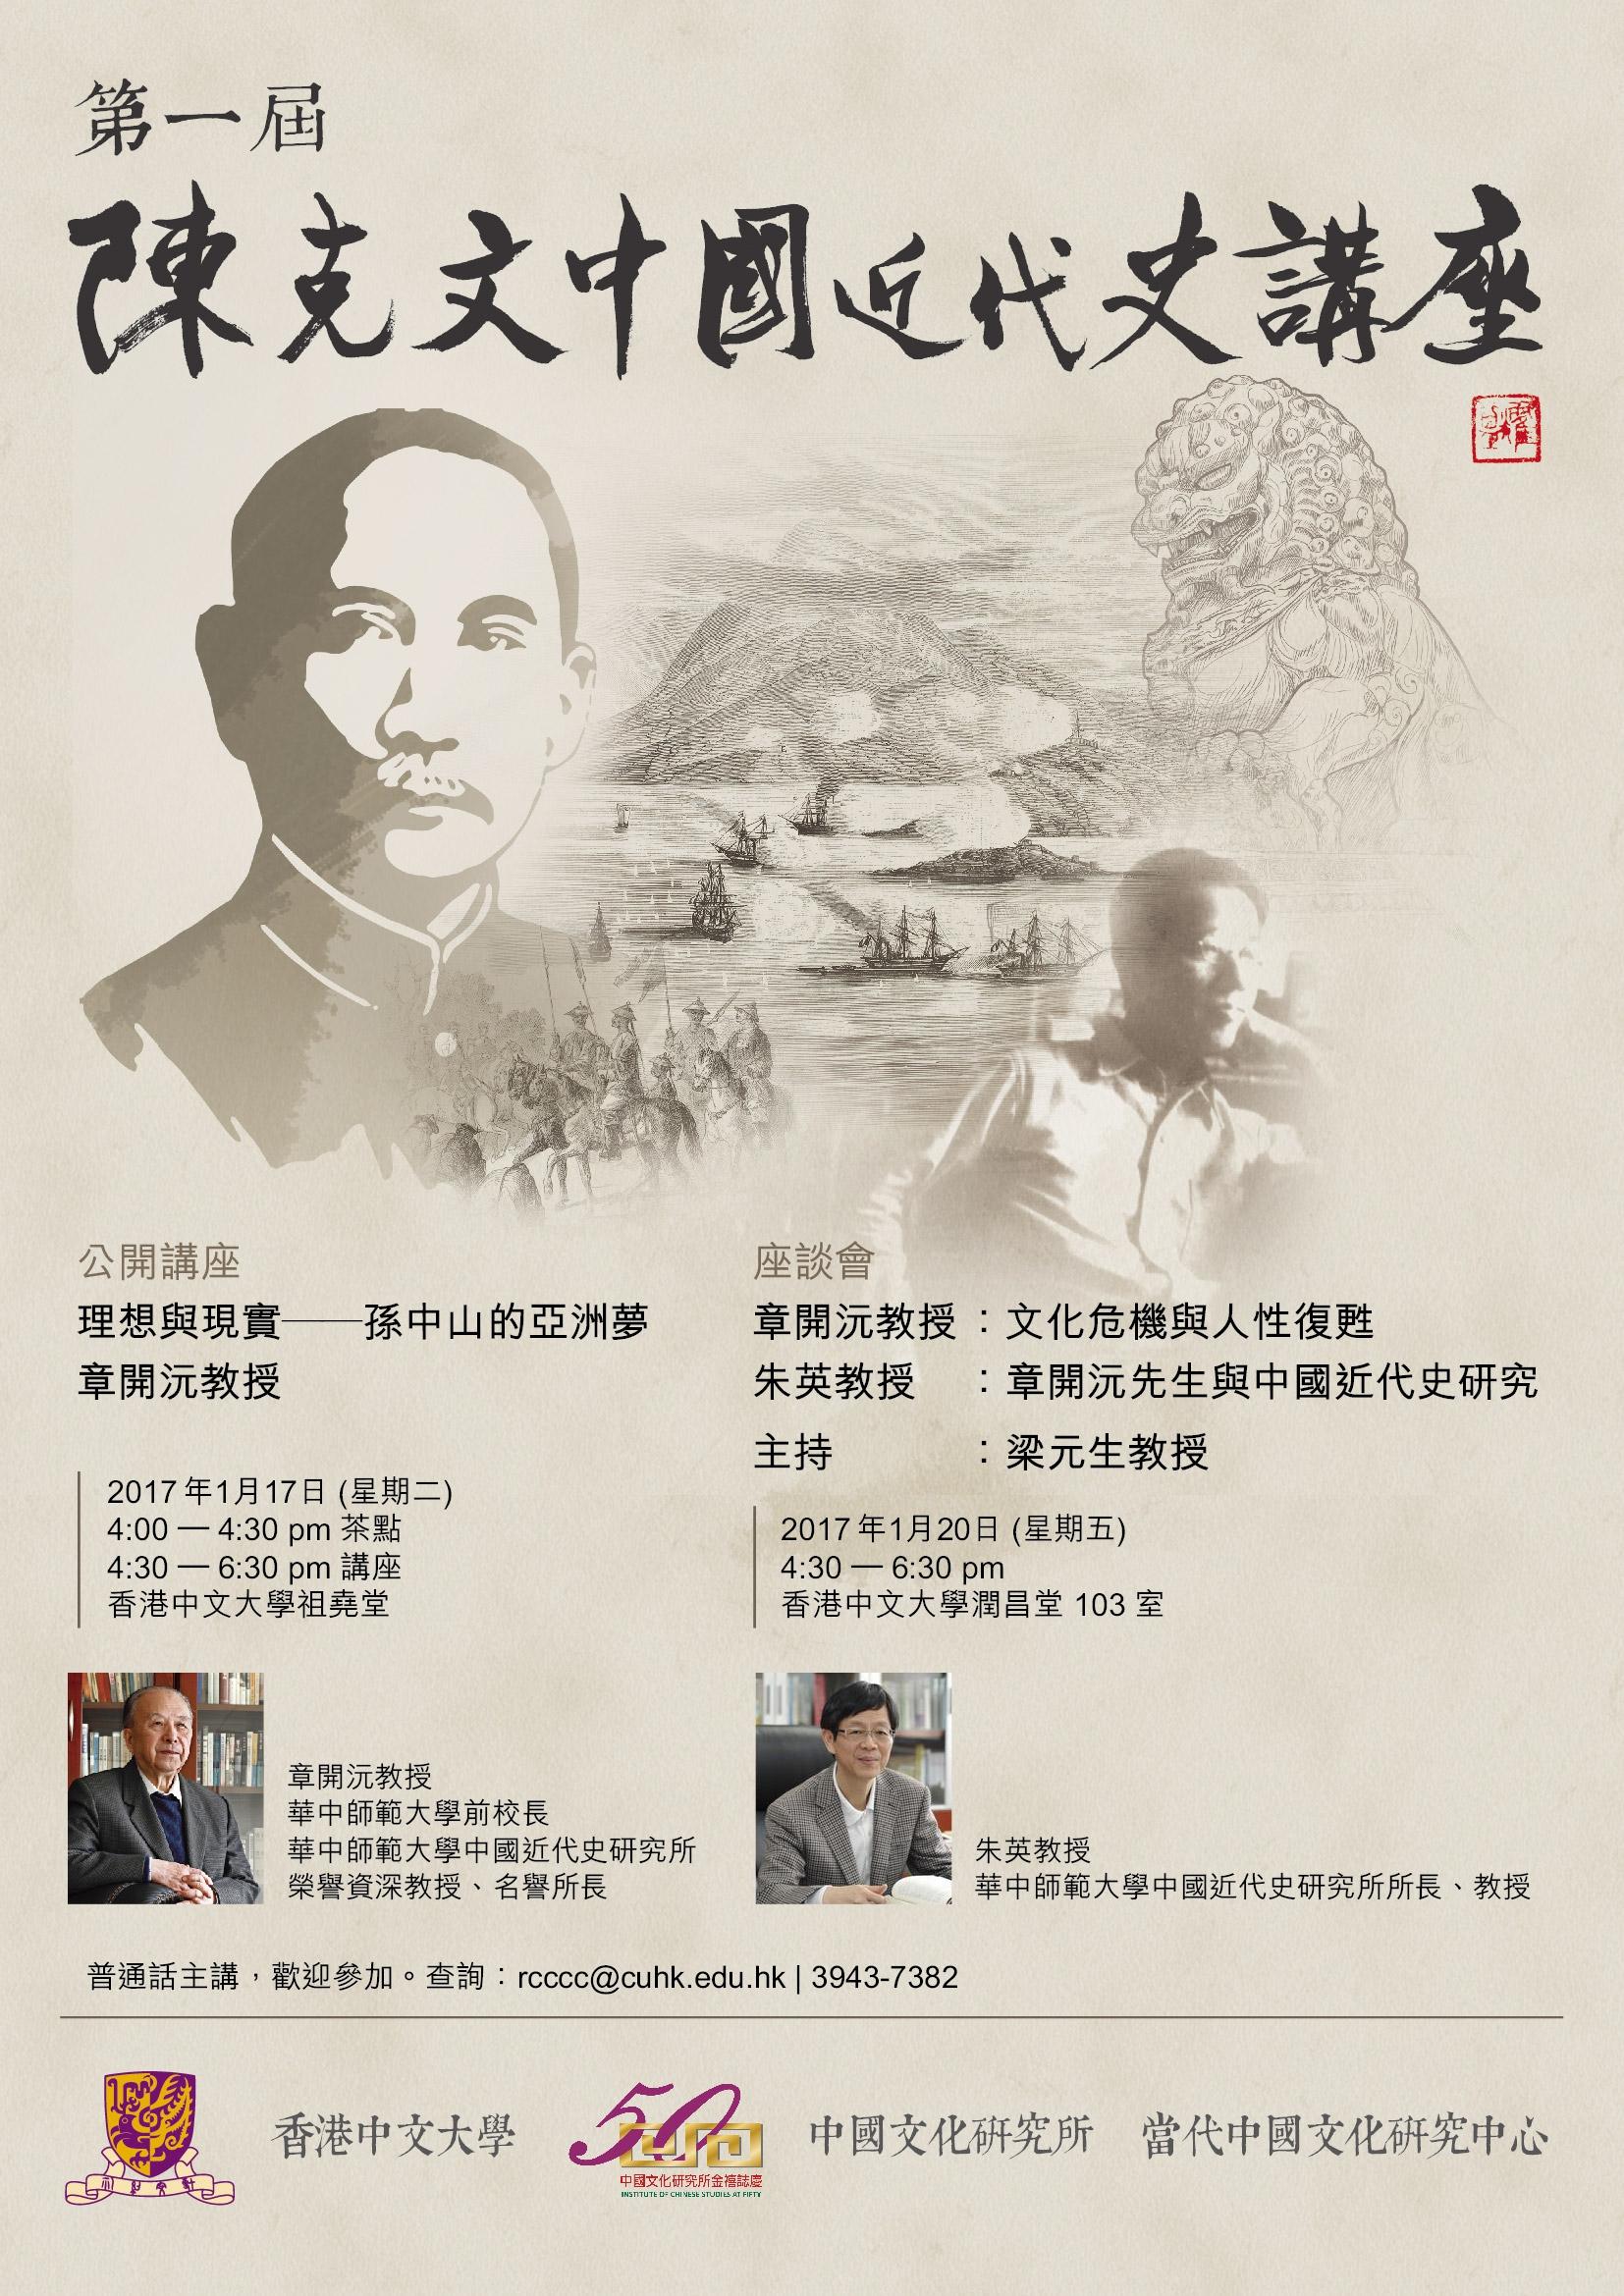 第一屆「陳克文中國近代史講座」